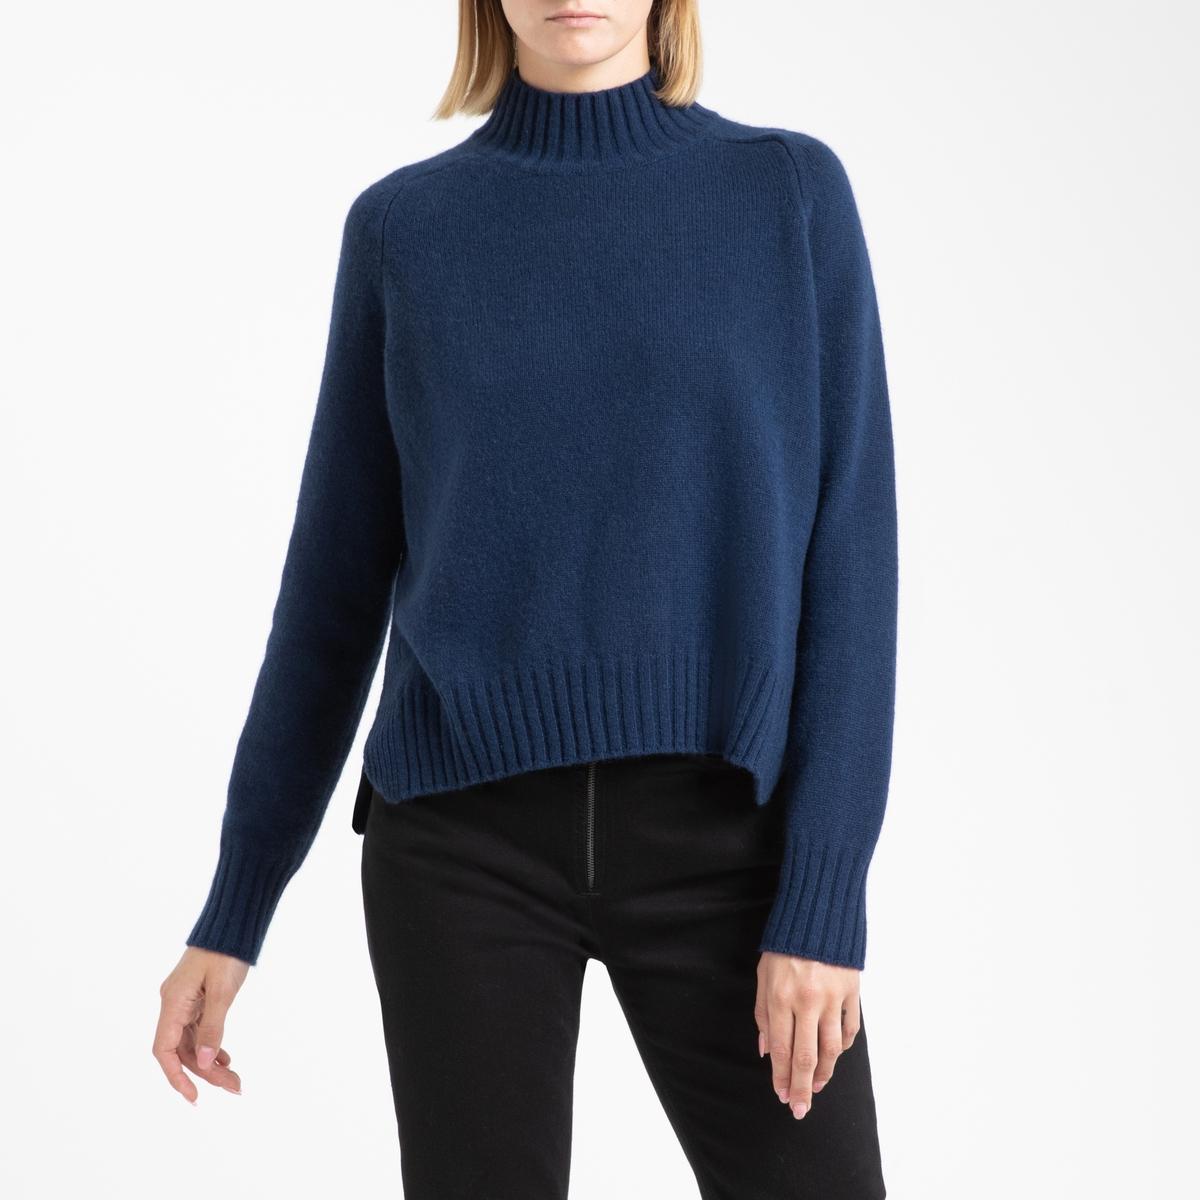 Пуловер La Redoute Кашемировый с воротником-стойка из тонкого трикотажа LEONIE 3(L) синий